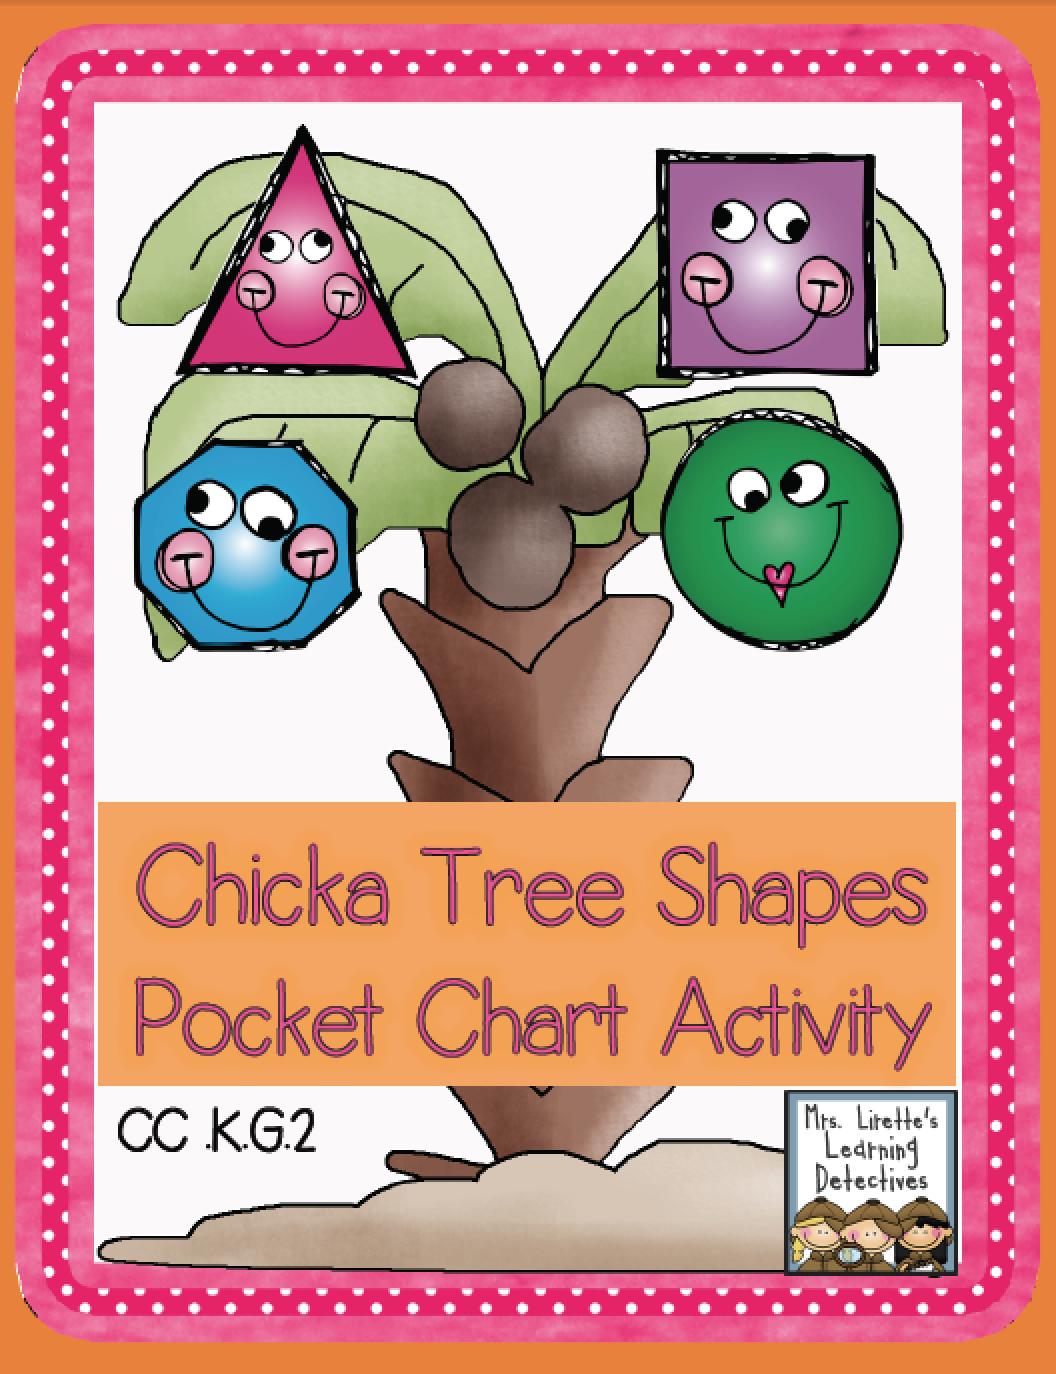 Chicka Tree Shapes Free Pocket Chart Activity